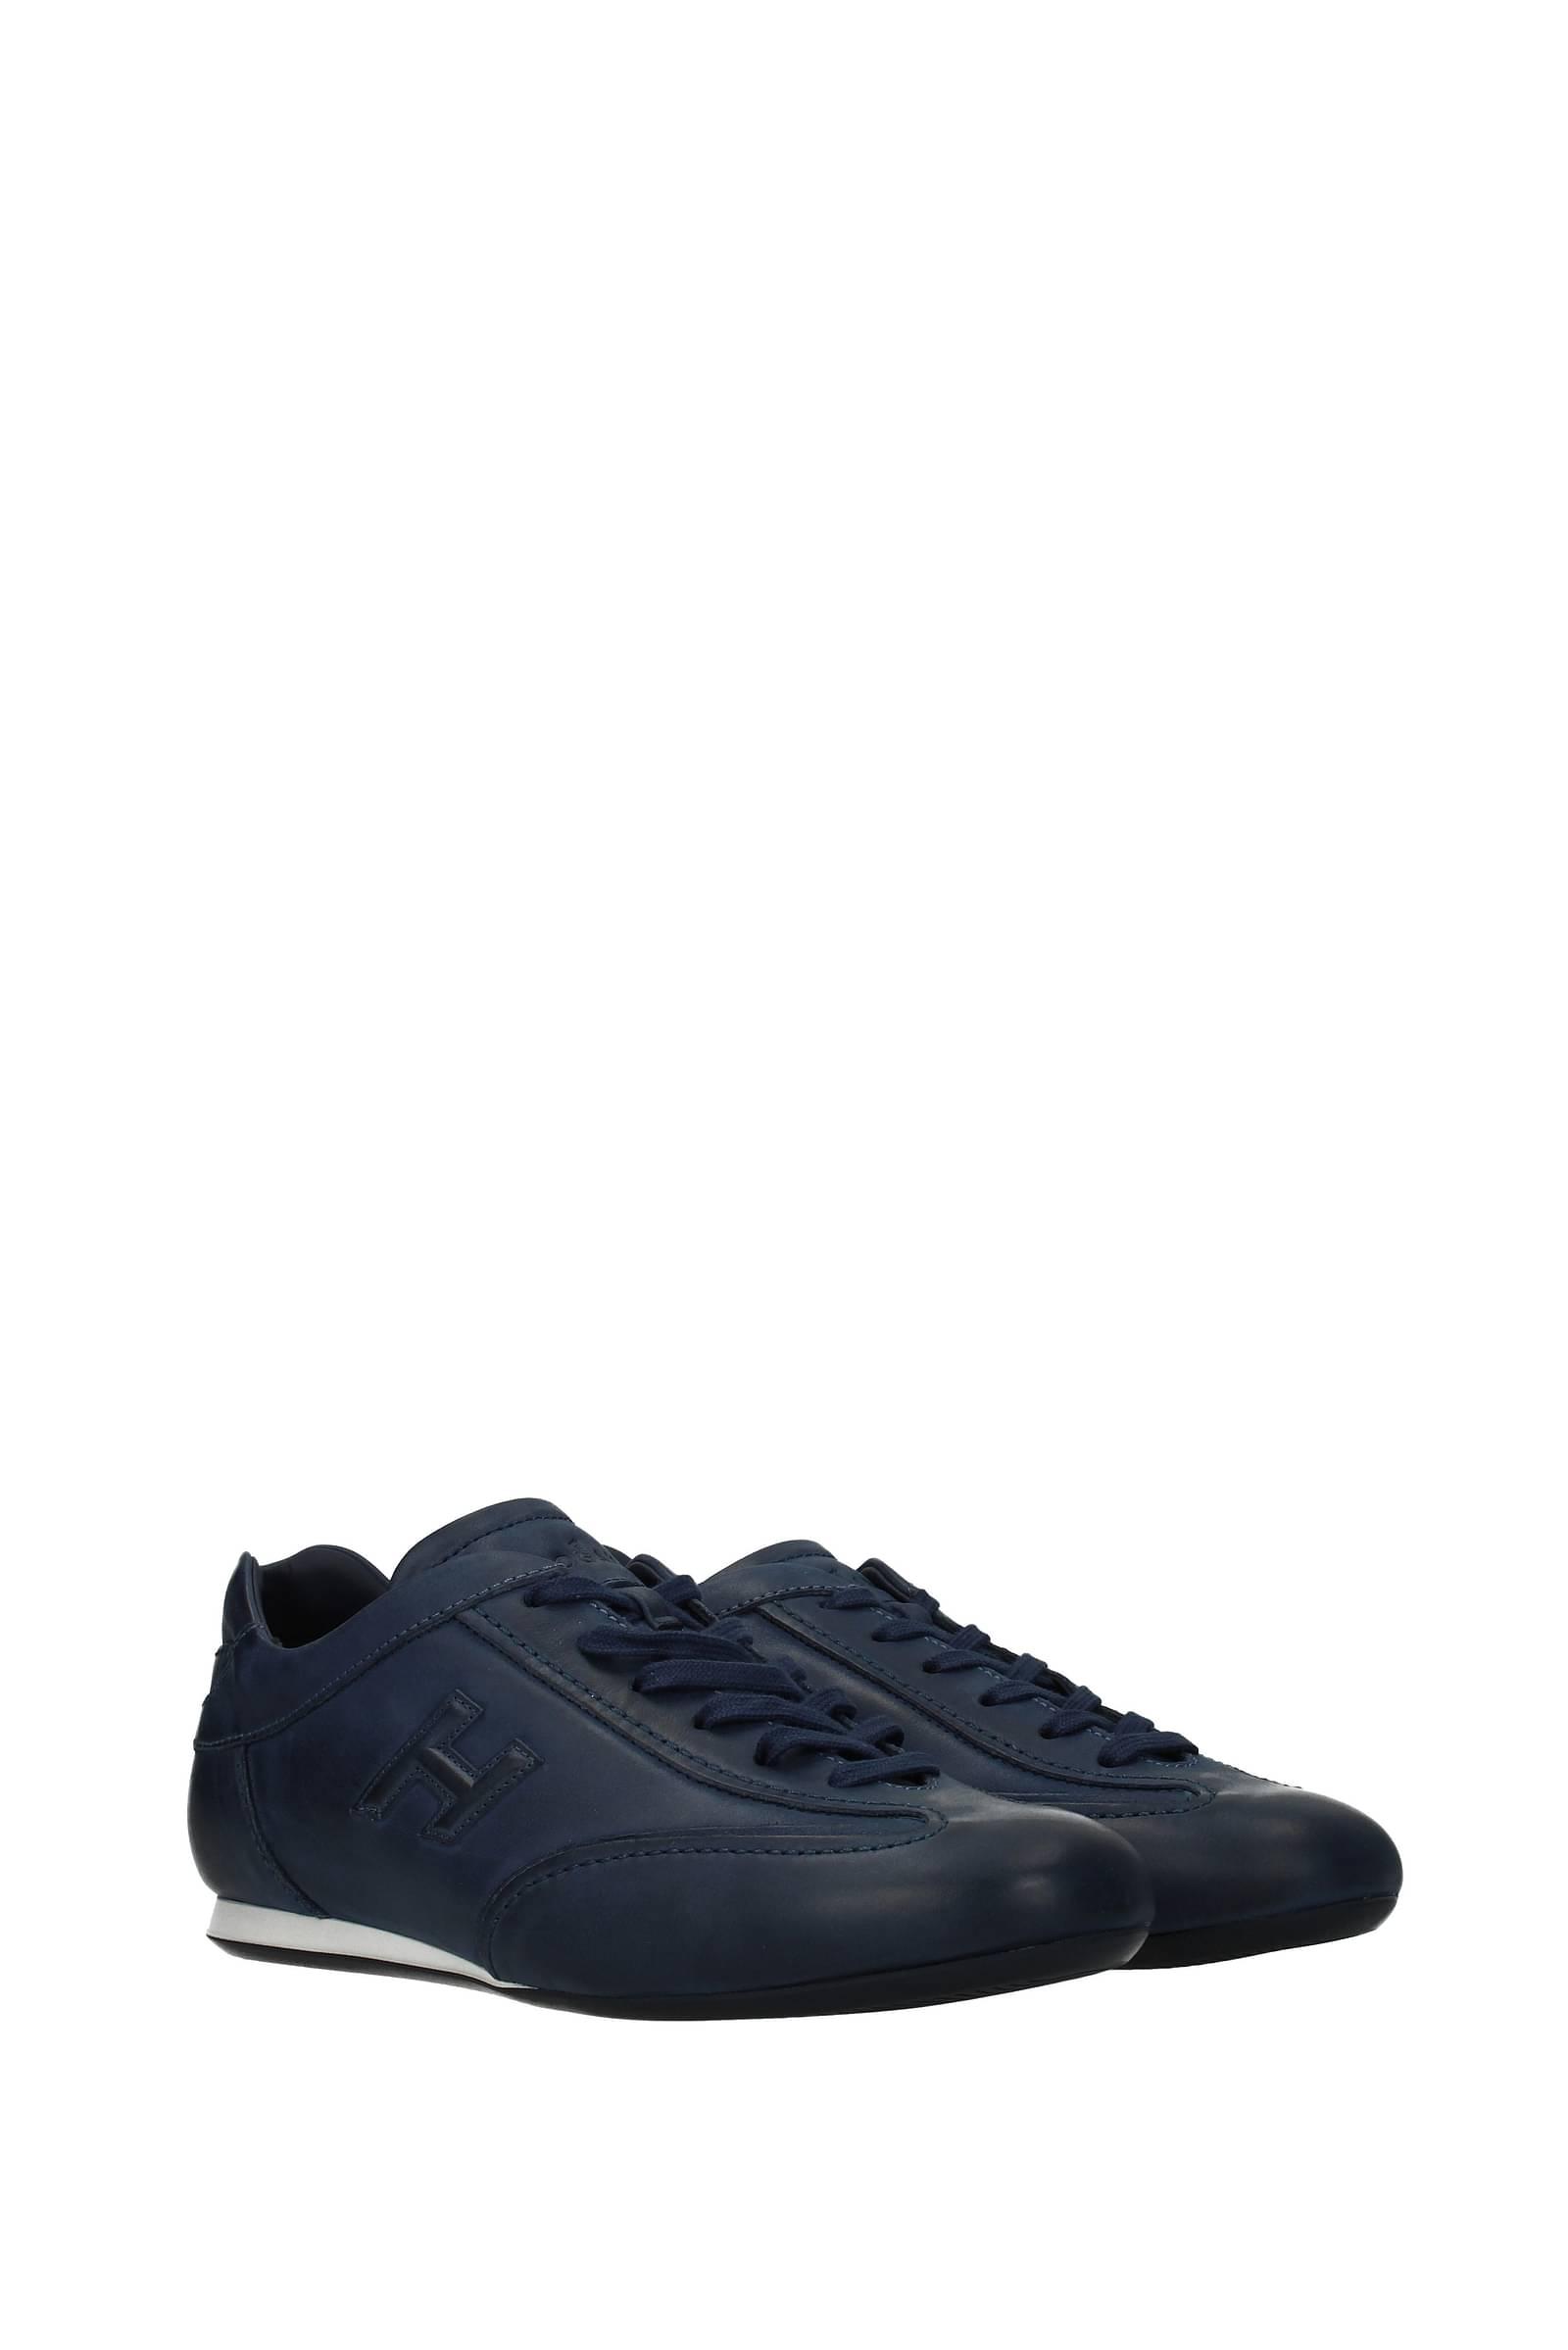 Hogan Sneakers olympia Uomo Pelle Blu Blu Galassia